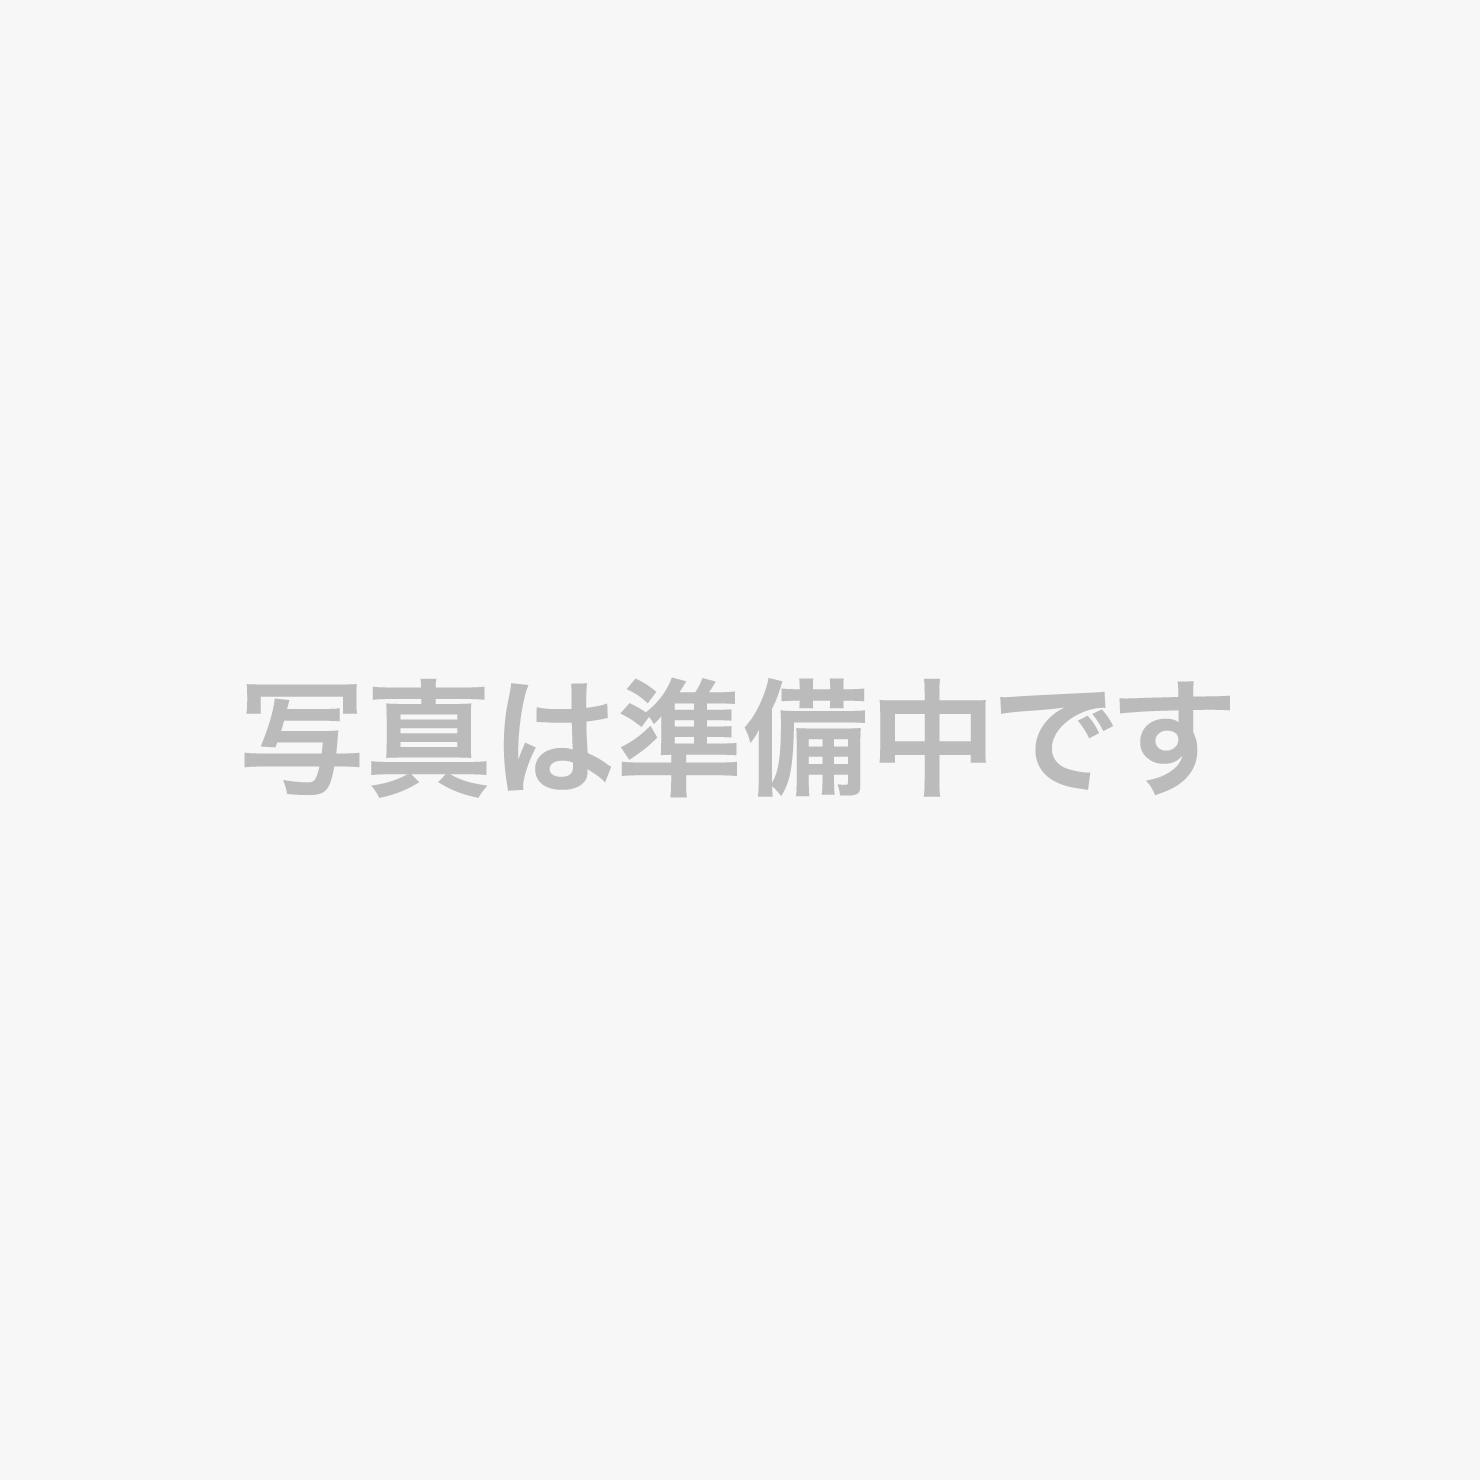 【ツリートレッキング】10:00~17:00(ホテル敷地内)